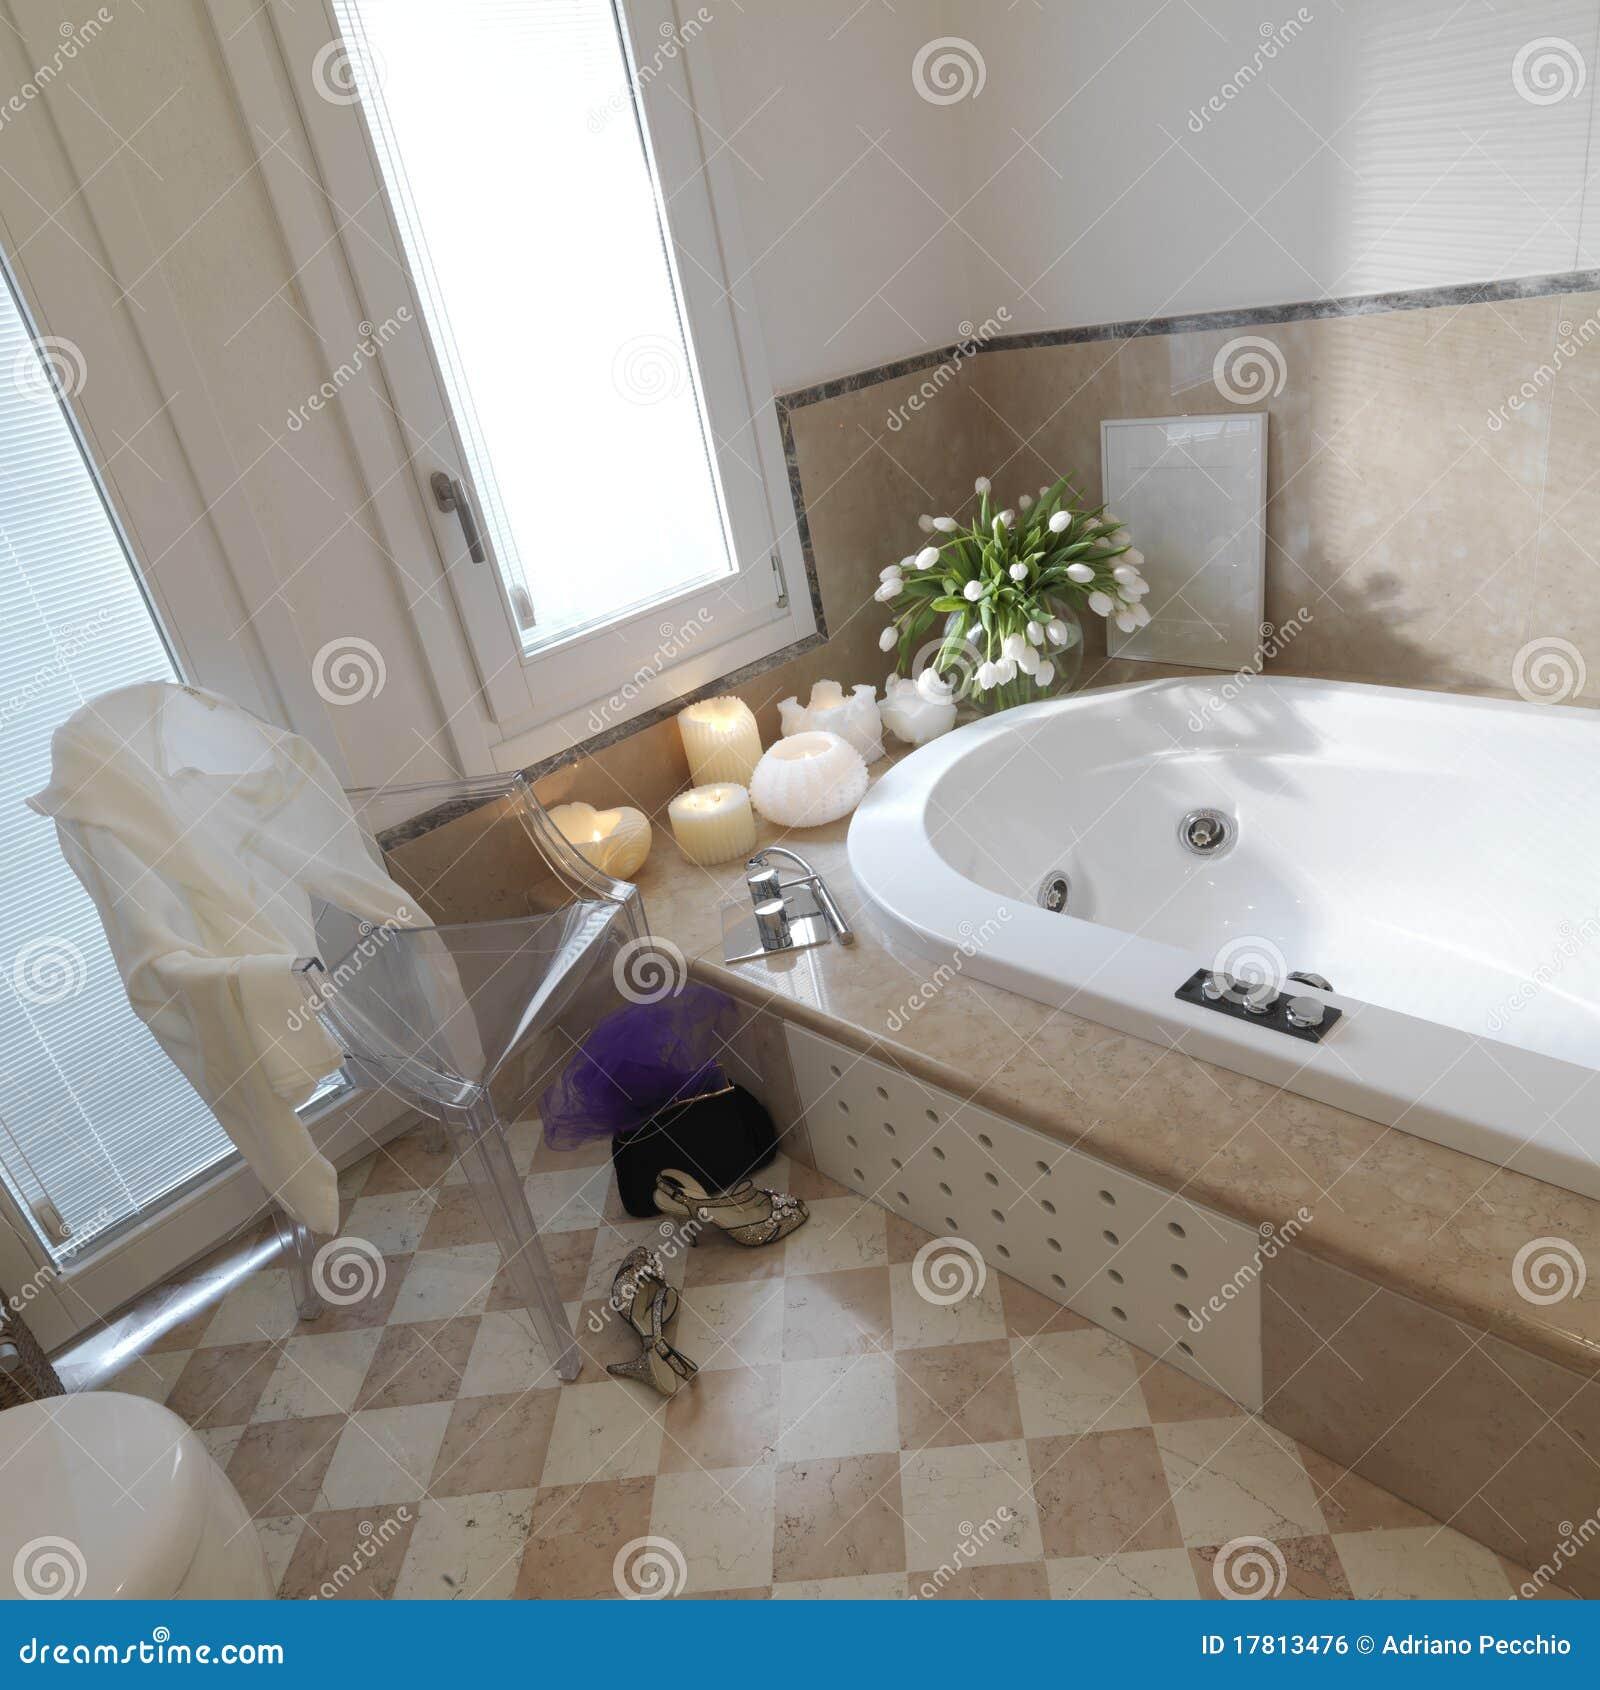 Badkamer stoel badkamer ontwerp idee n voor uw huis samen met meubels die het - Afbeelding voor badkamer ...